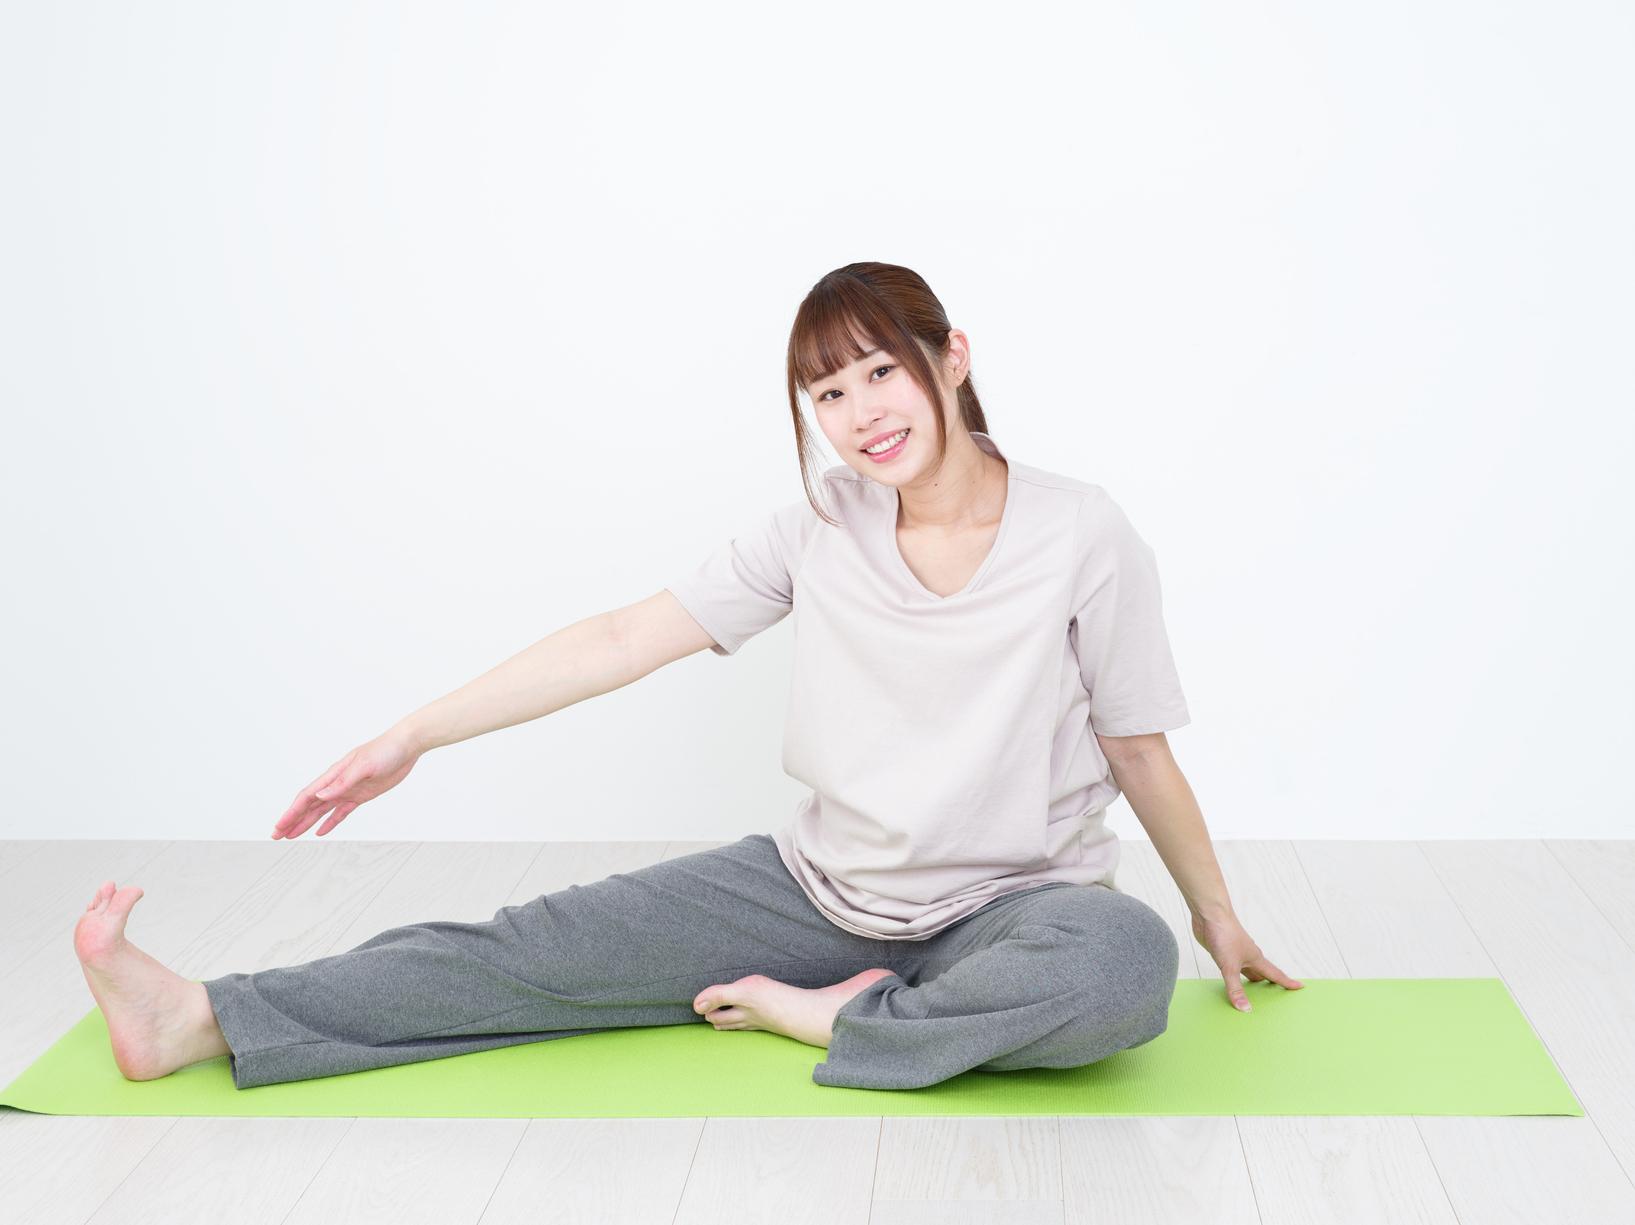 妊娠中の運動